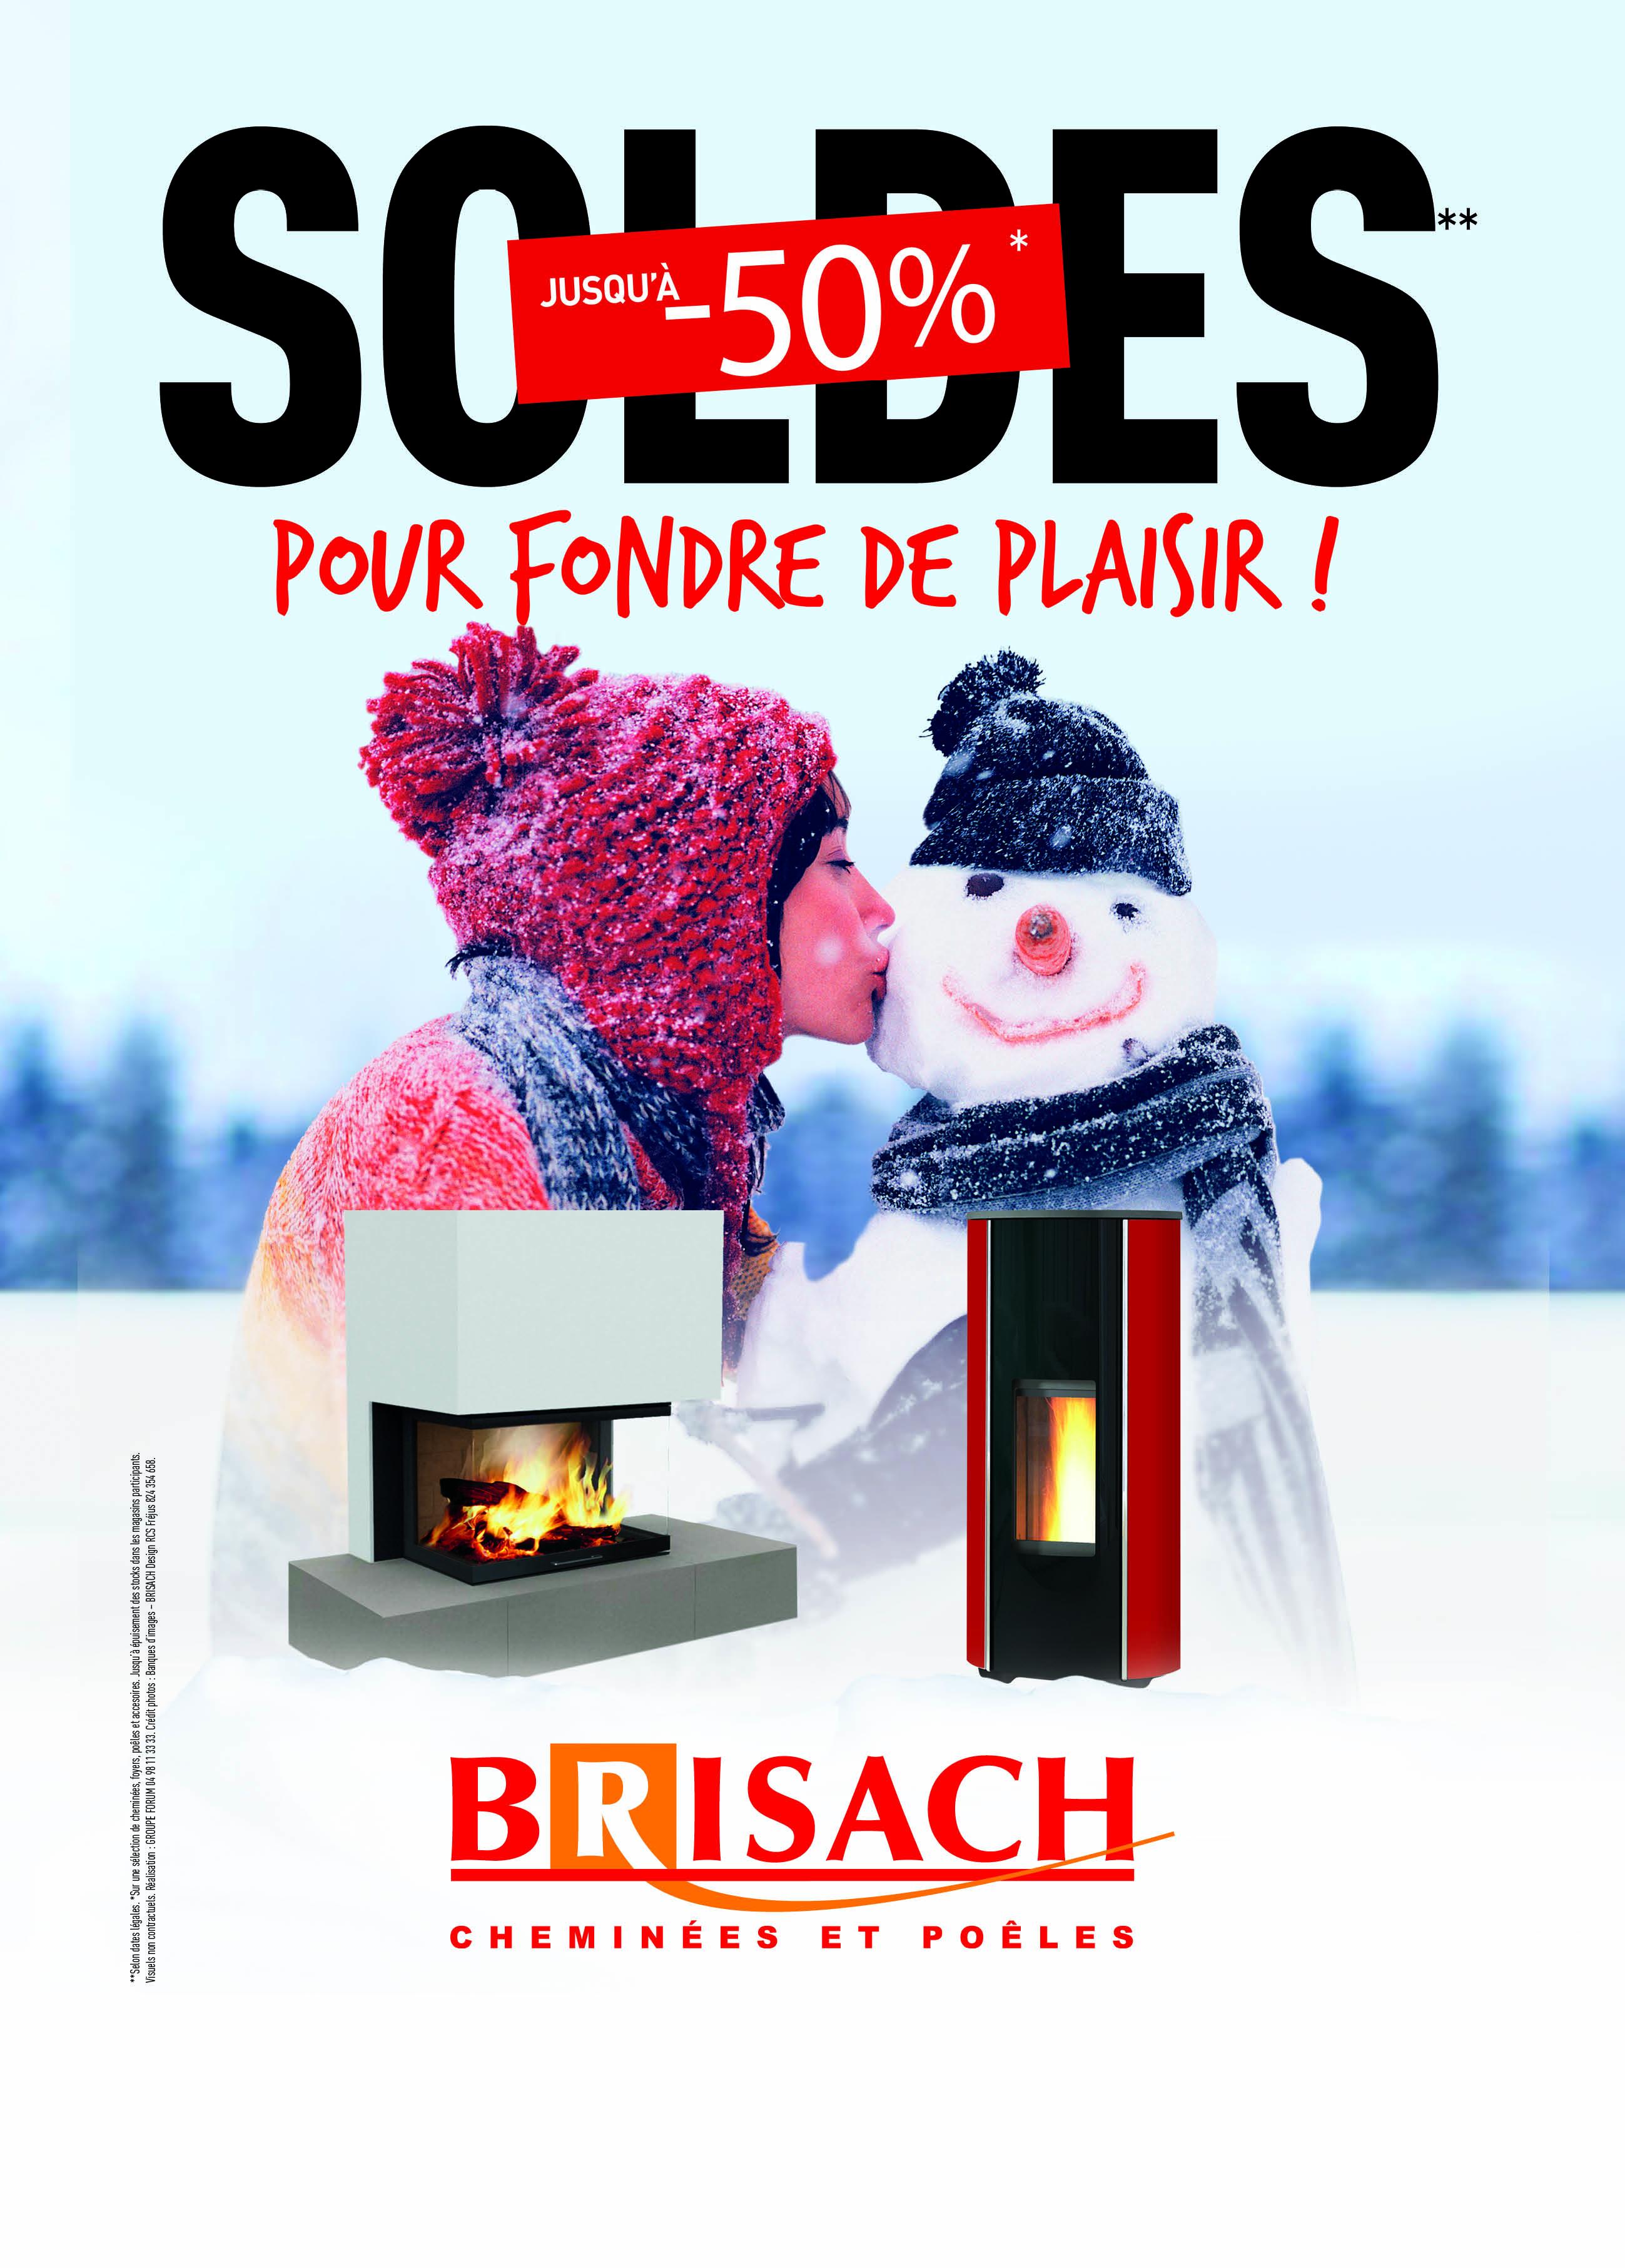 Soldes BRISACH – Pour fondre de plaisir